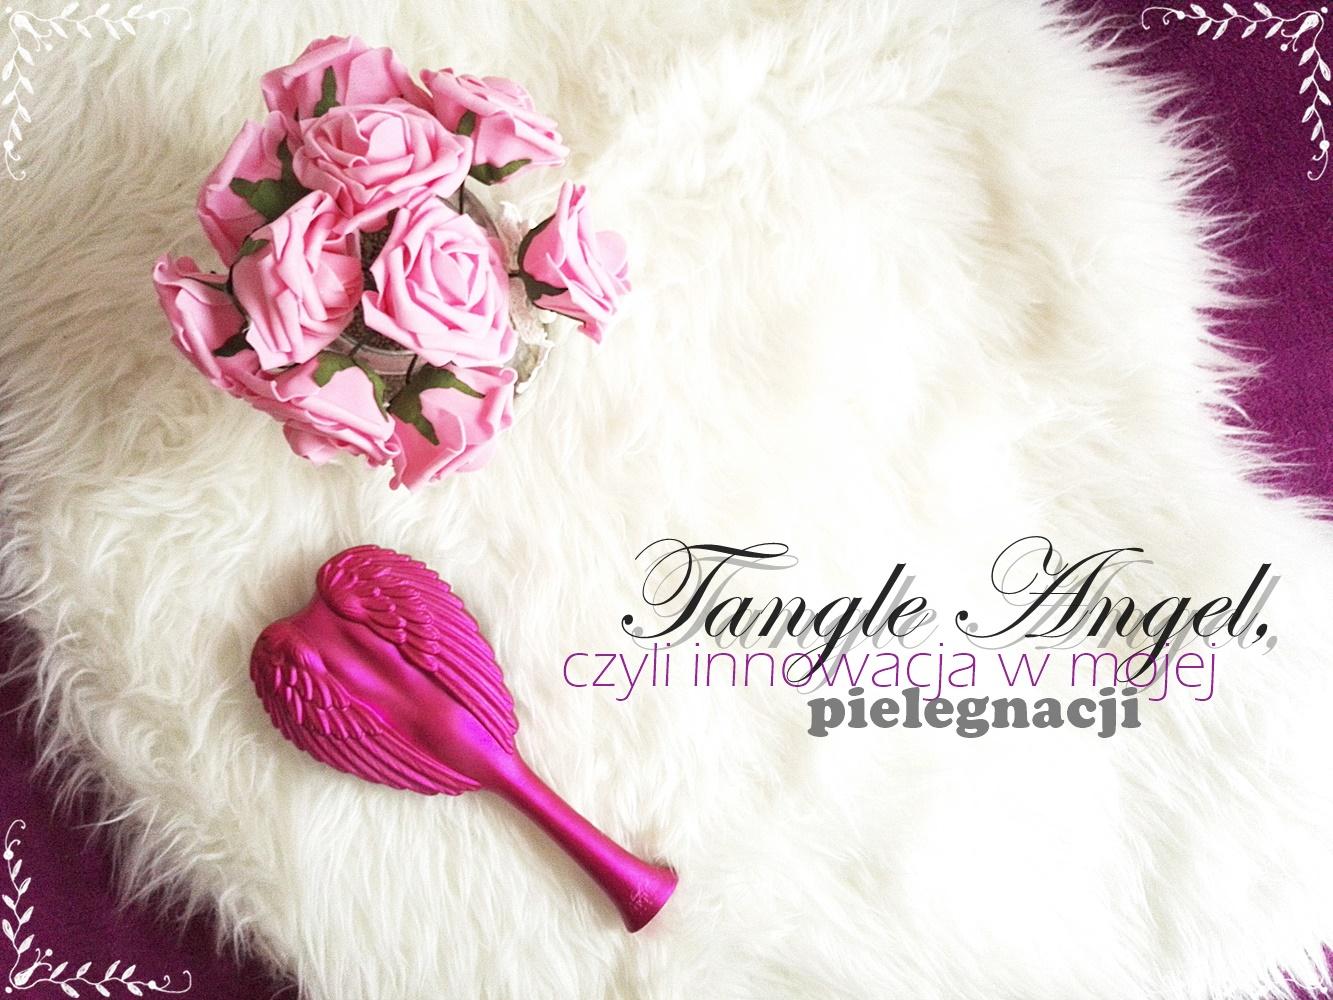 Tangle Angel, czyli innowacja w mojej pielęgnacji włosów